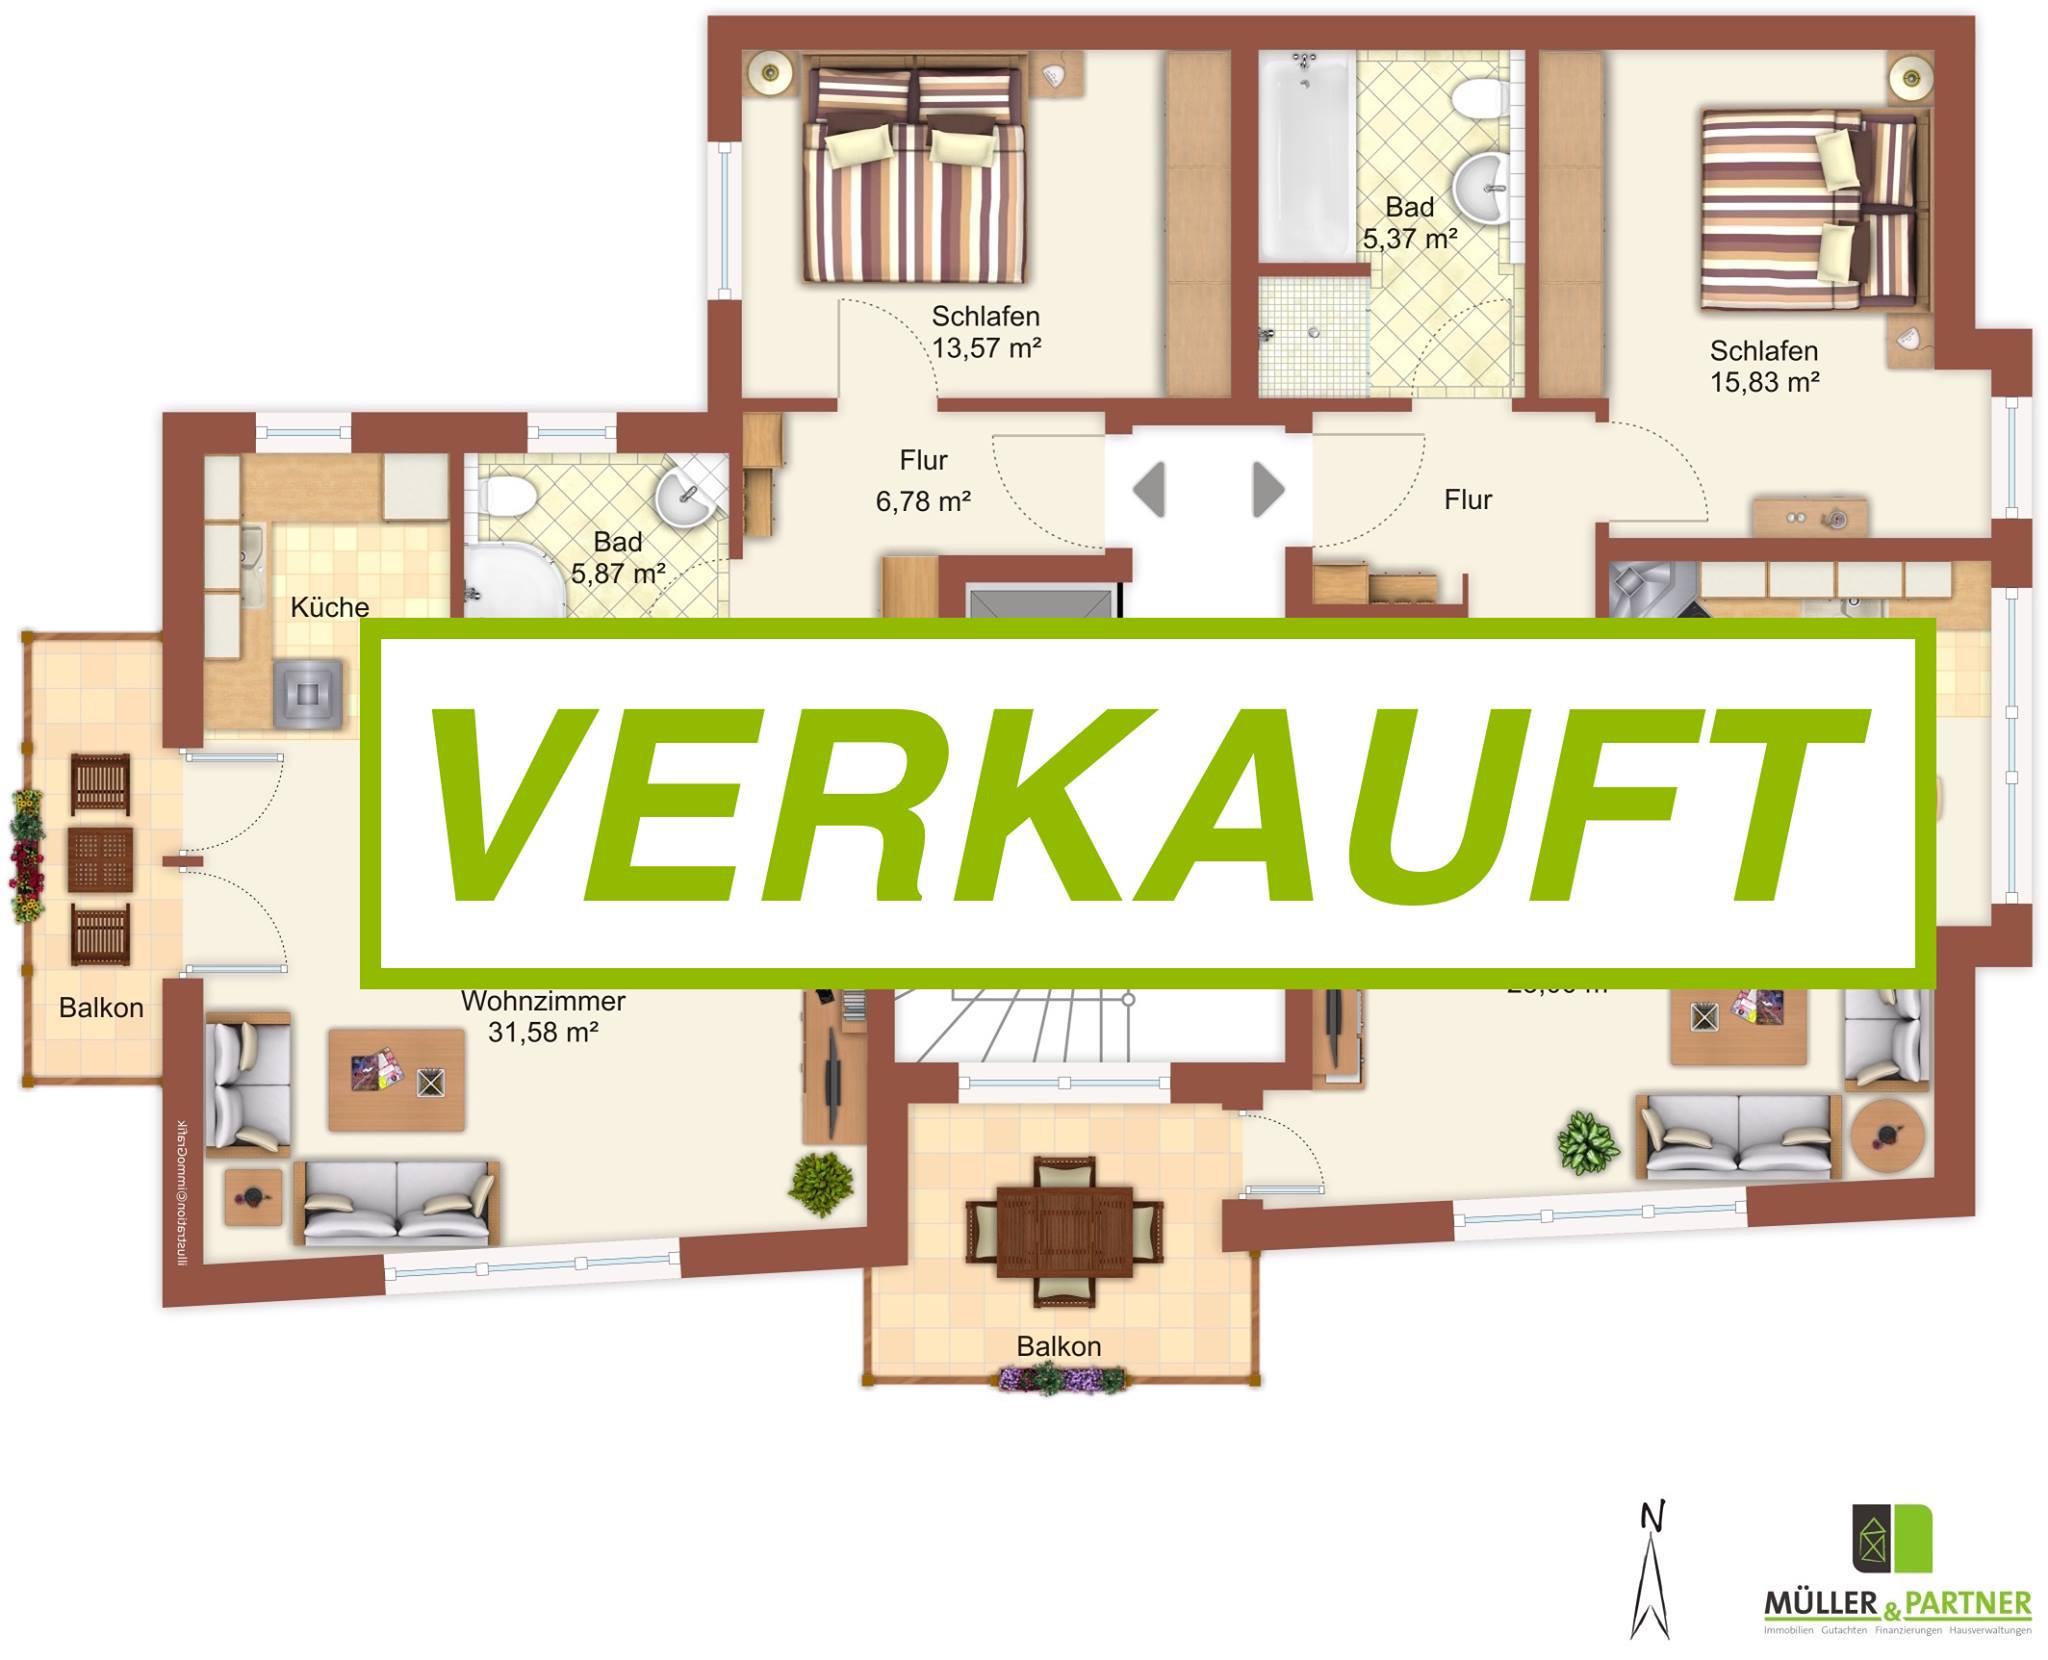 Wohnung Eilendorf  Die 20 Besten Ideen Für Wohnung Eilendorf – Beste